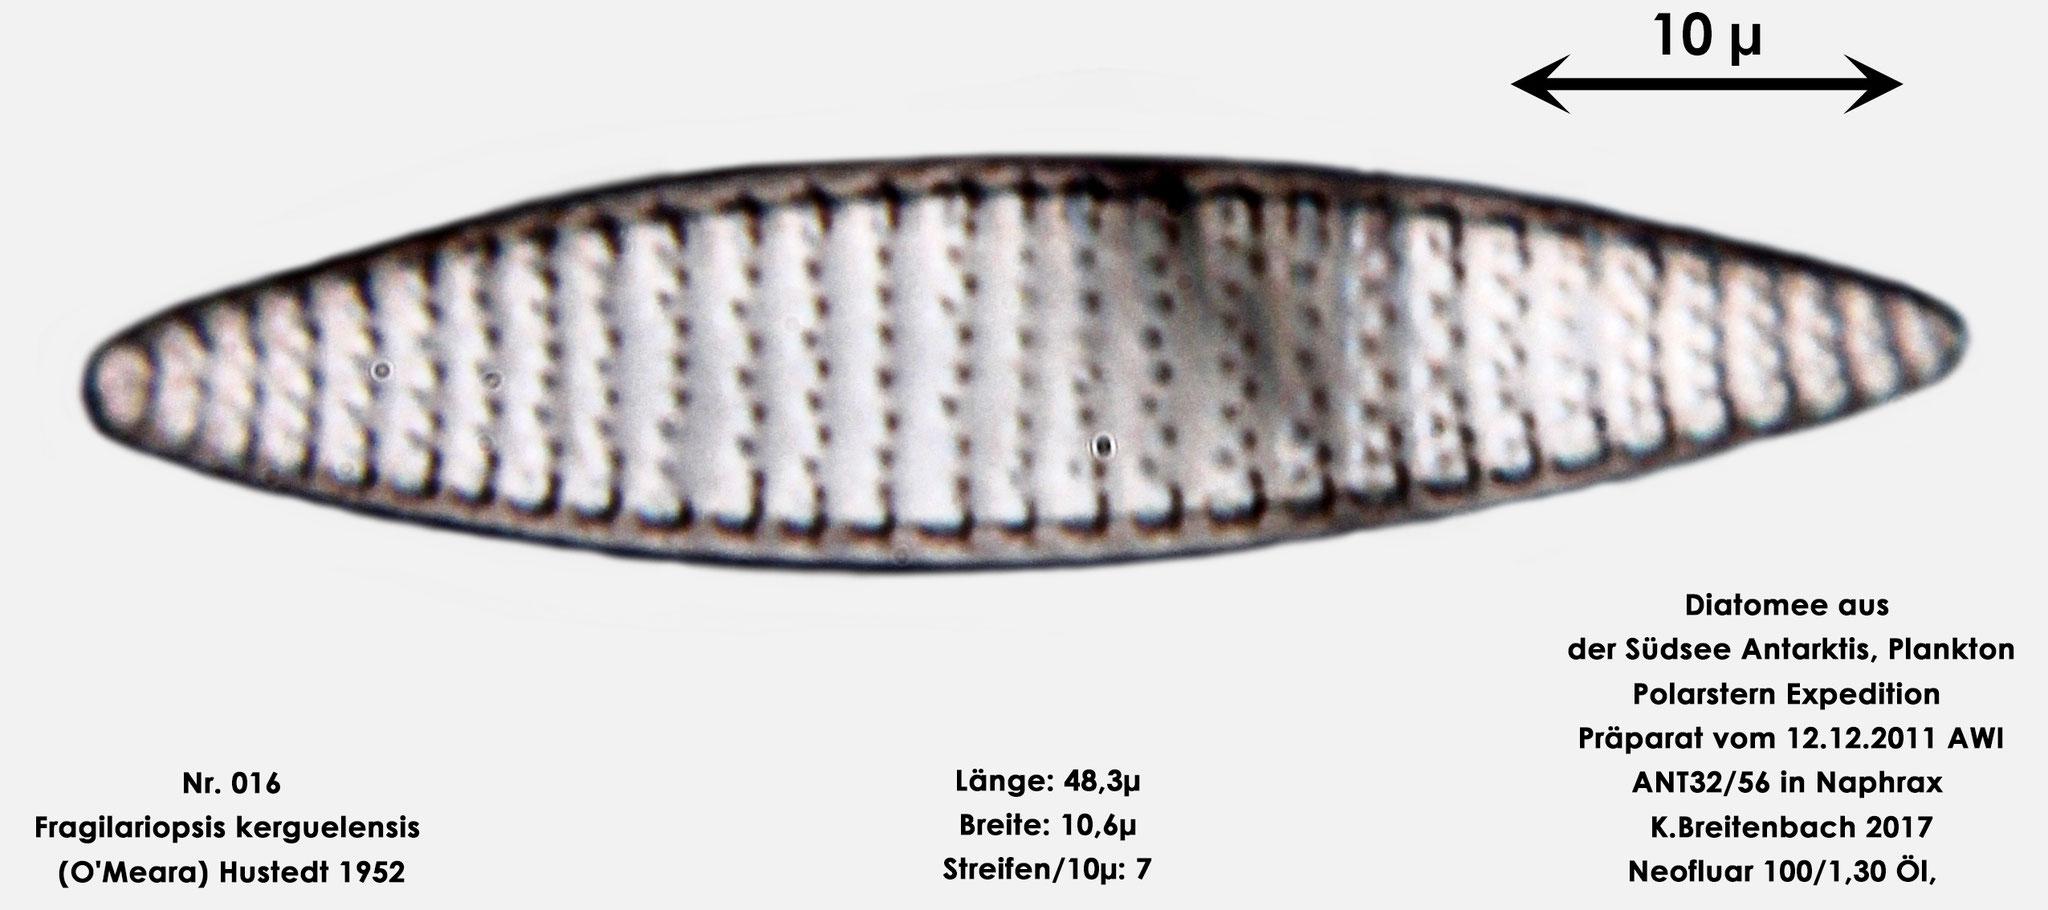 Bild 6 Art: Fragilariopsis kerguelensis (O'Meara) Hustedt 1952